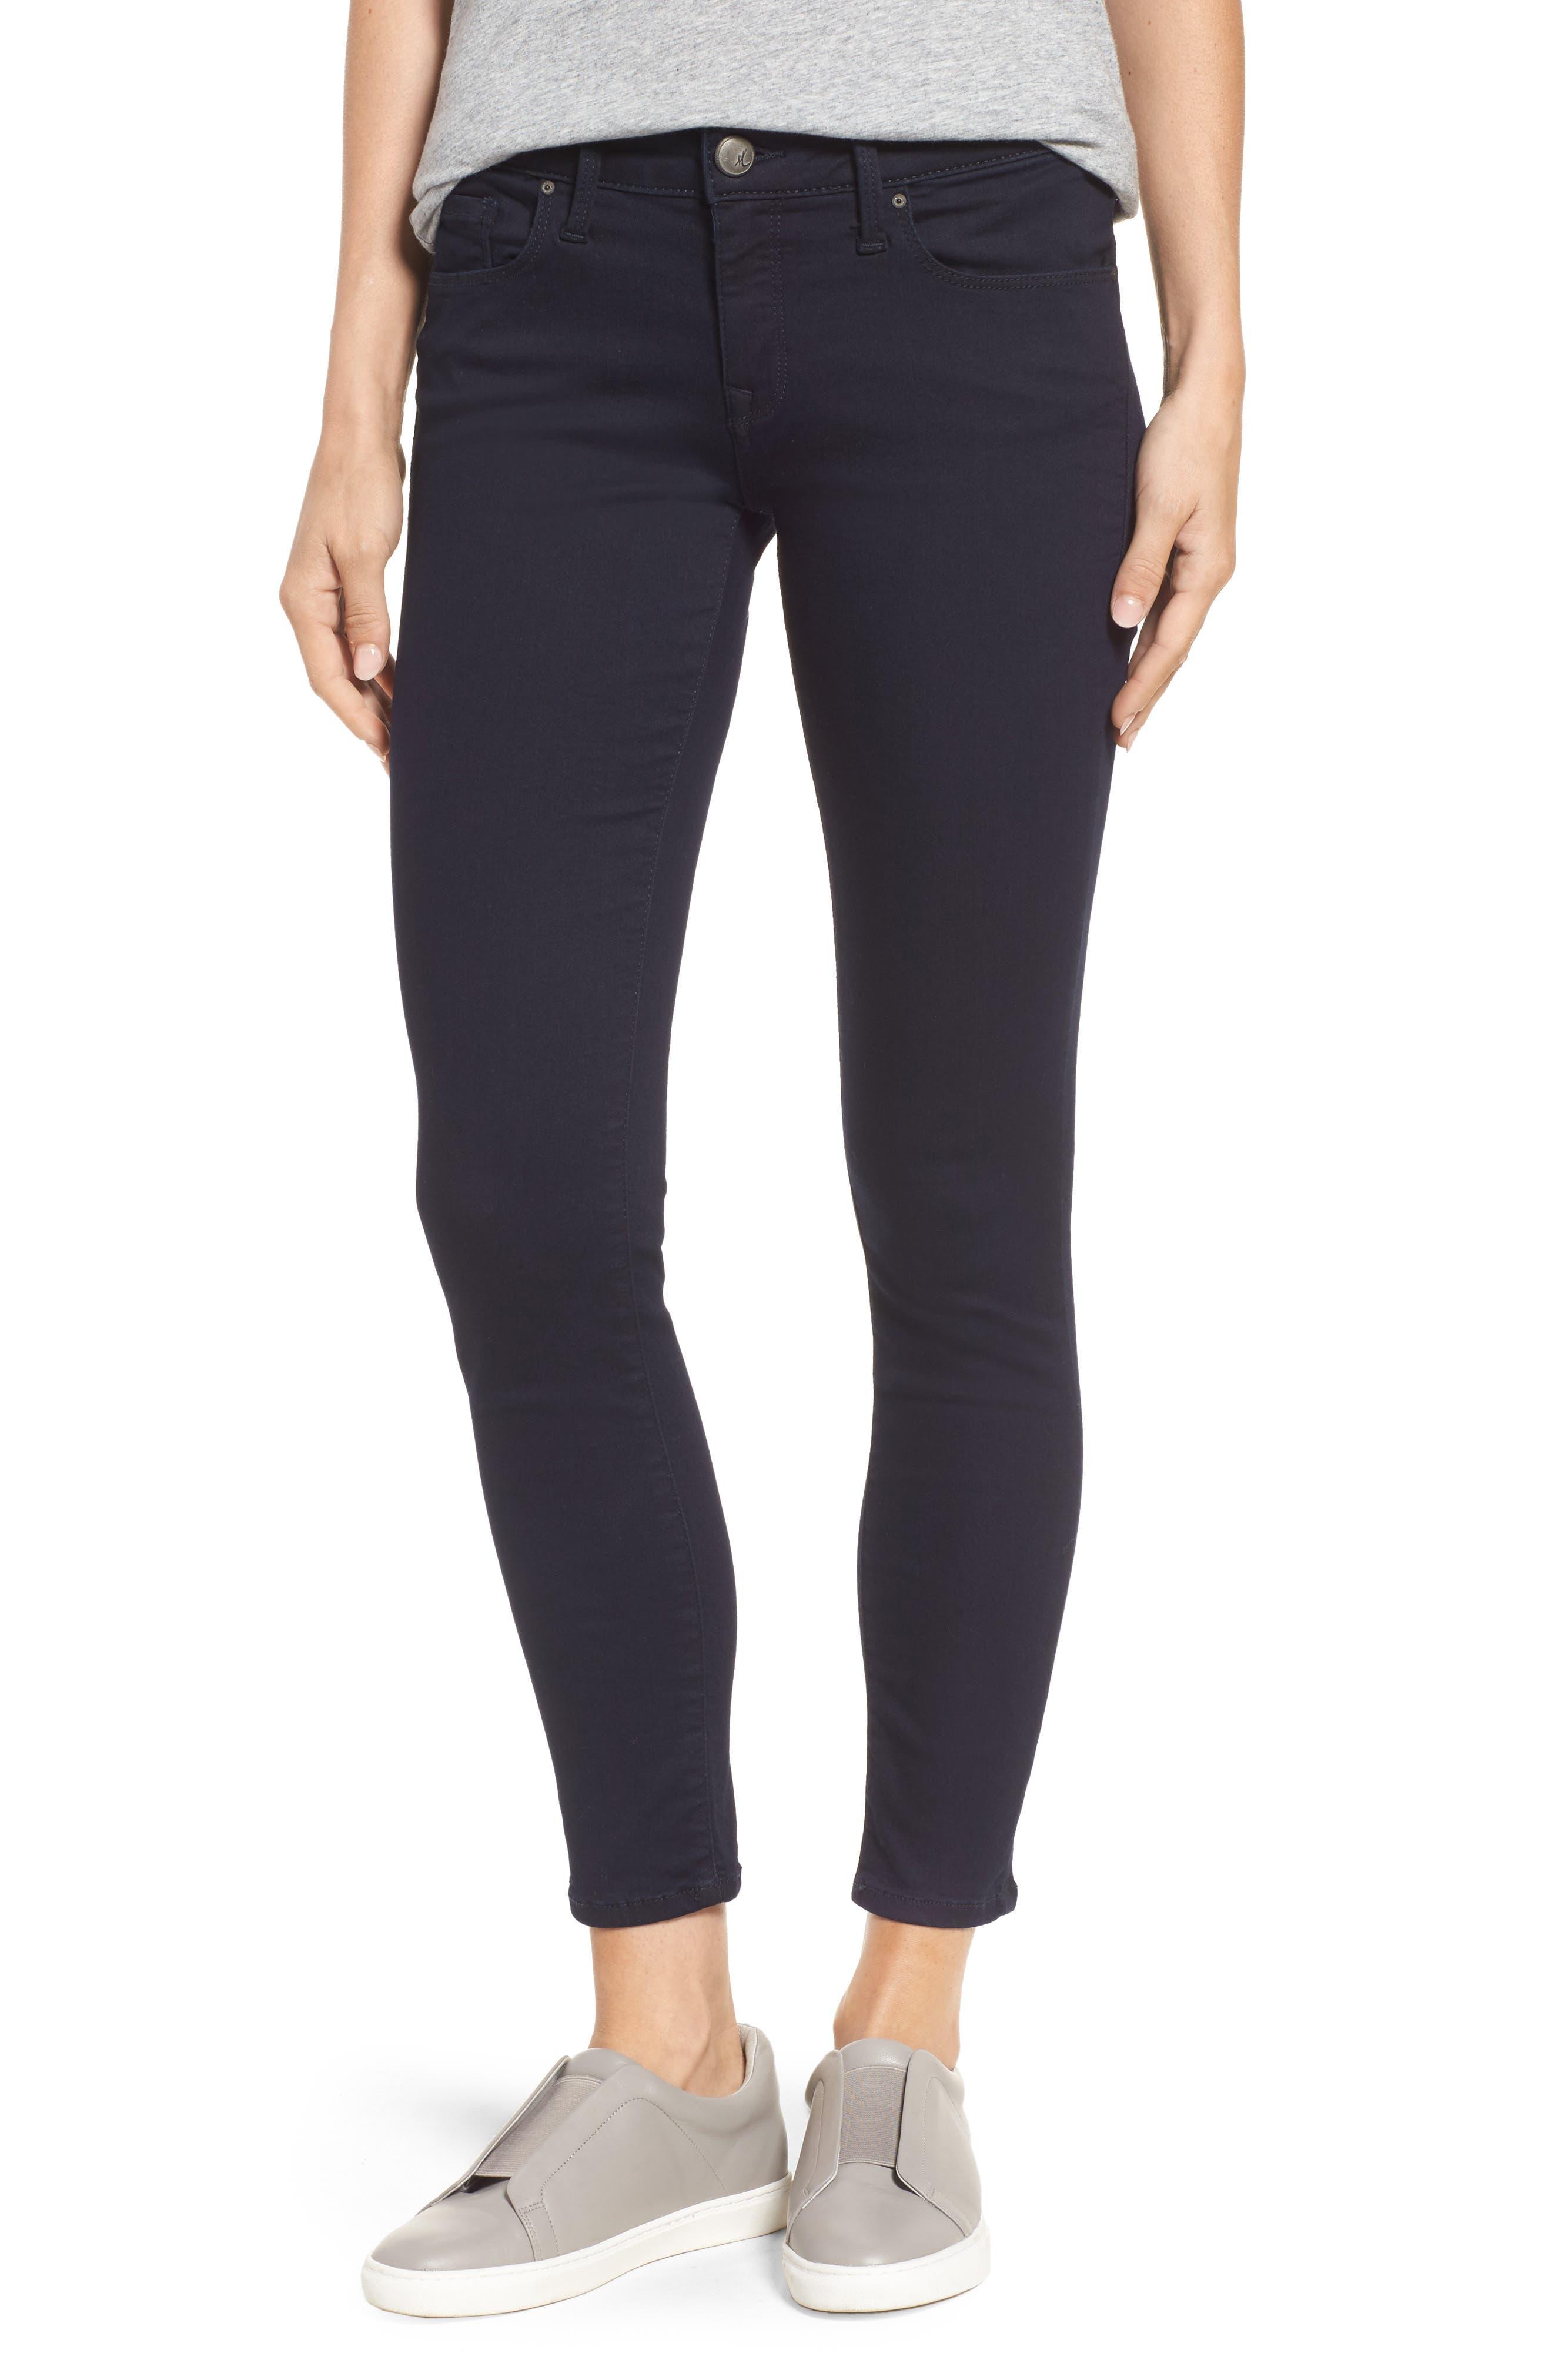 Main Image - Mavi Jeans 'Alexa' Midrise Skinny Jeans (Dark Shanty)